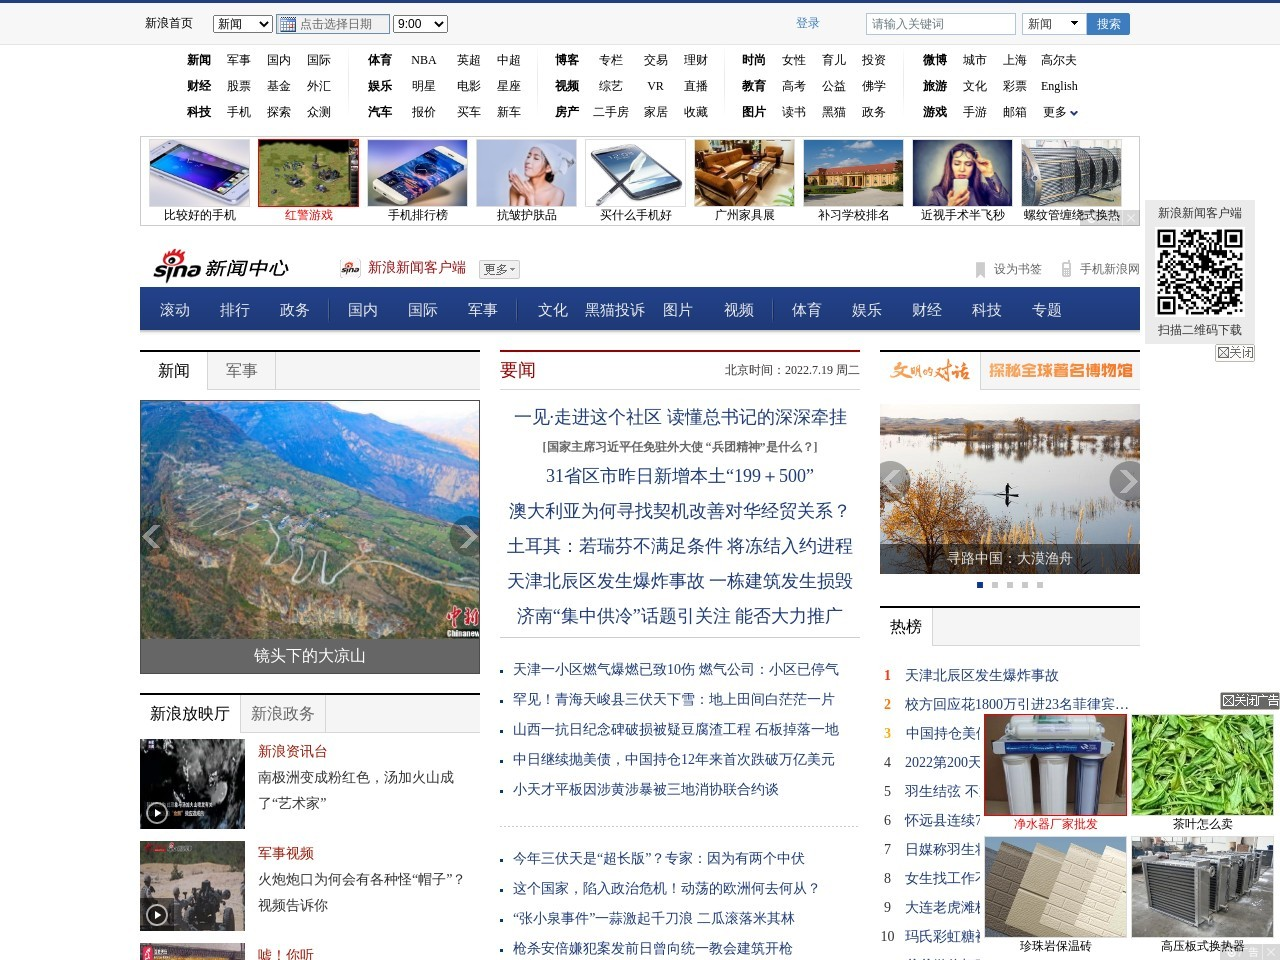 欧洲议会最大党团:中国解决全球问题中作用不可或缺|欧洲|中国|欧盟_新浪新闻